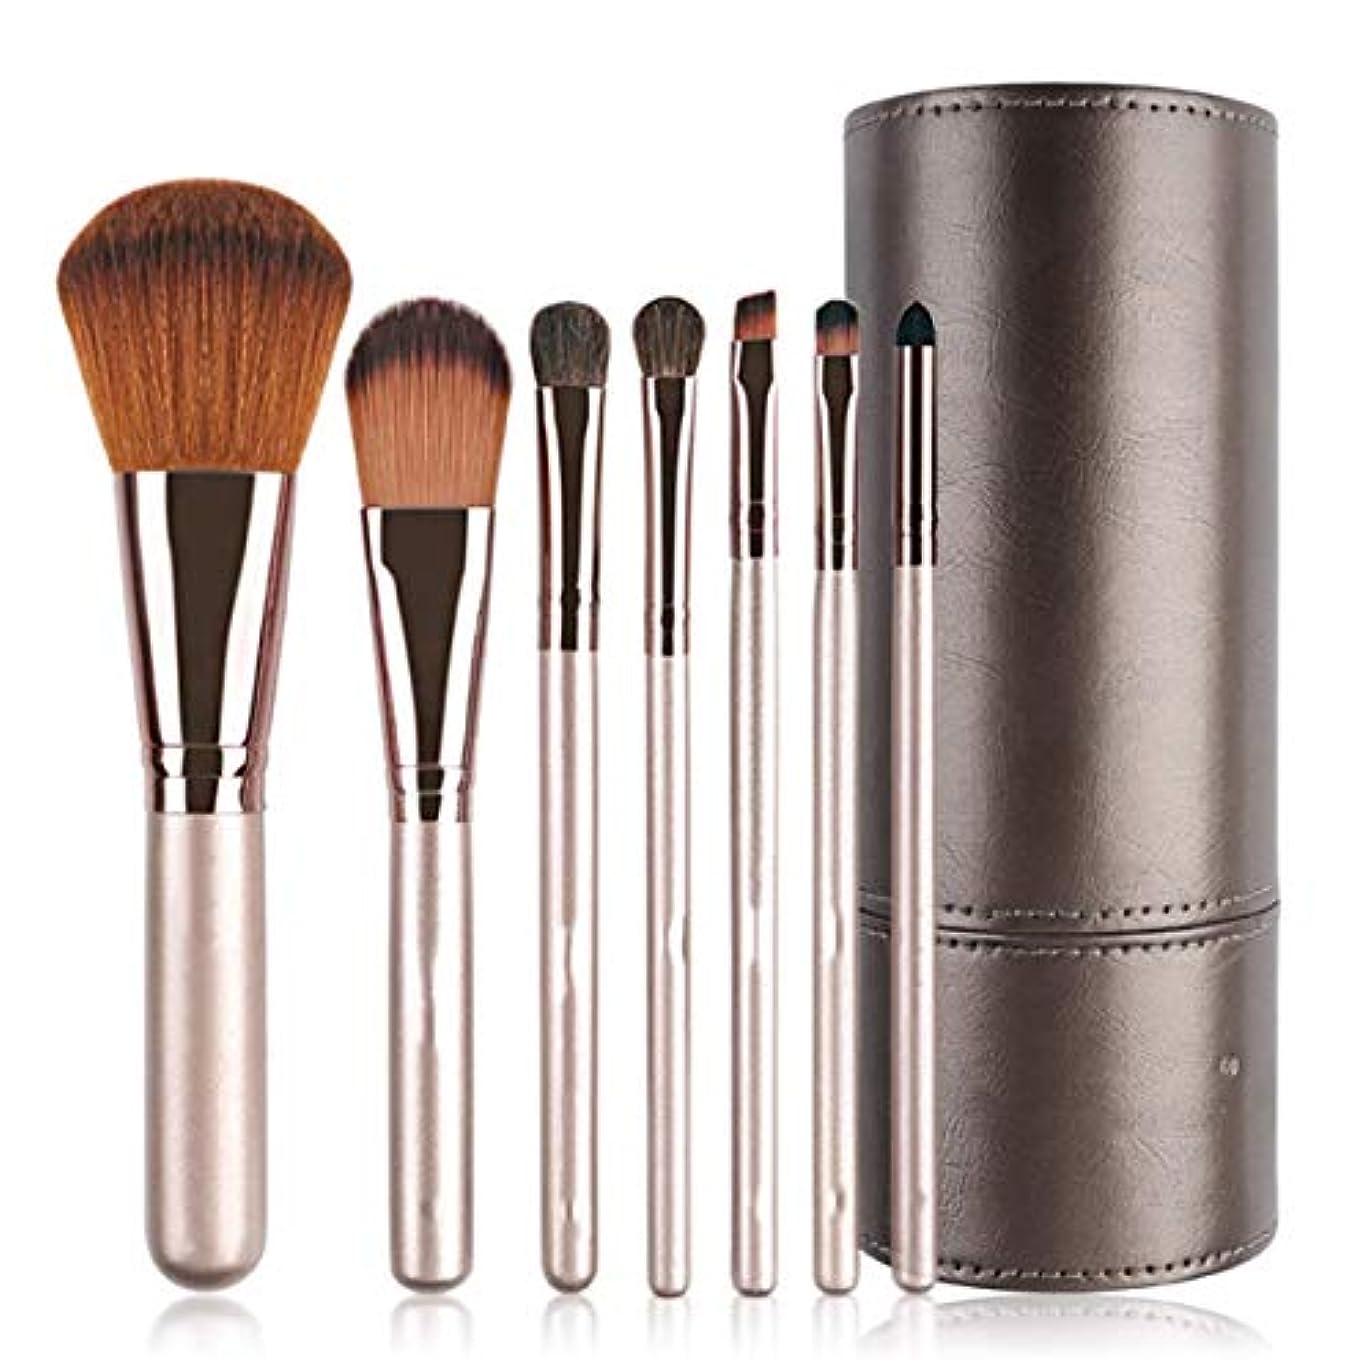 に付けるギャロップスワップNORIDA メイクブラシ 化粧ブラシ 化粧筆 メイクブラシ7本セット 馬毛&高級纤维毛を使用 レザー化粧ケース付き